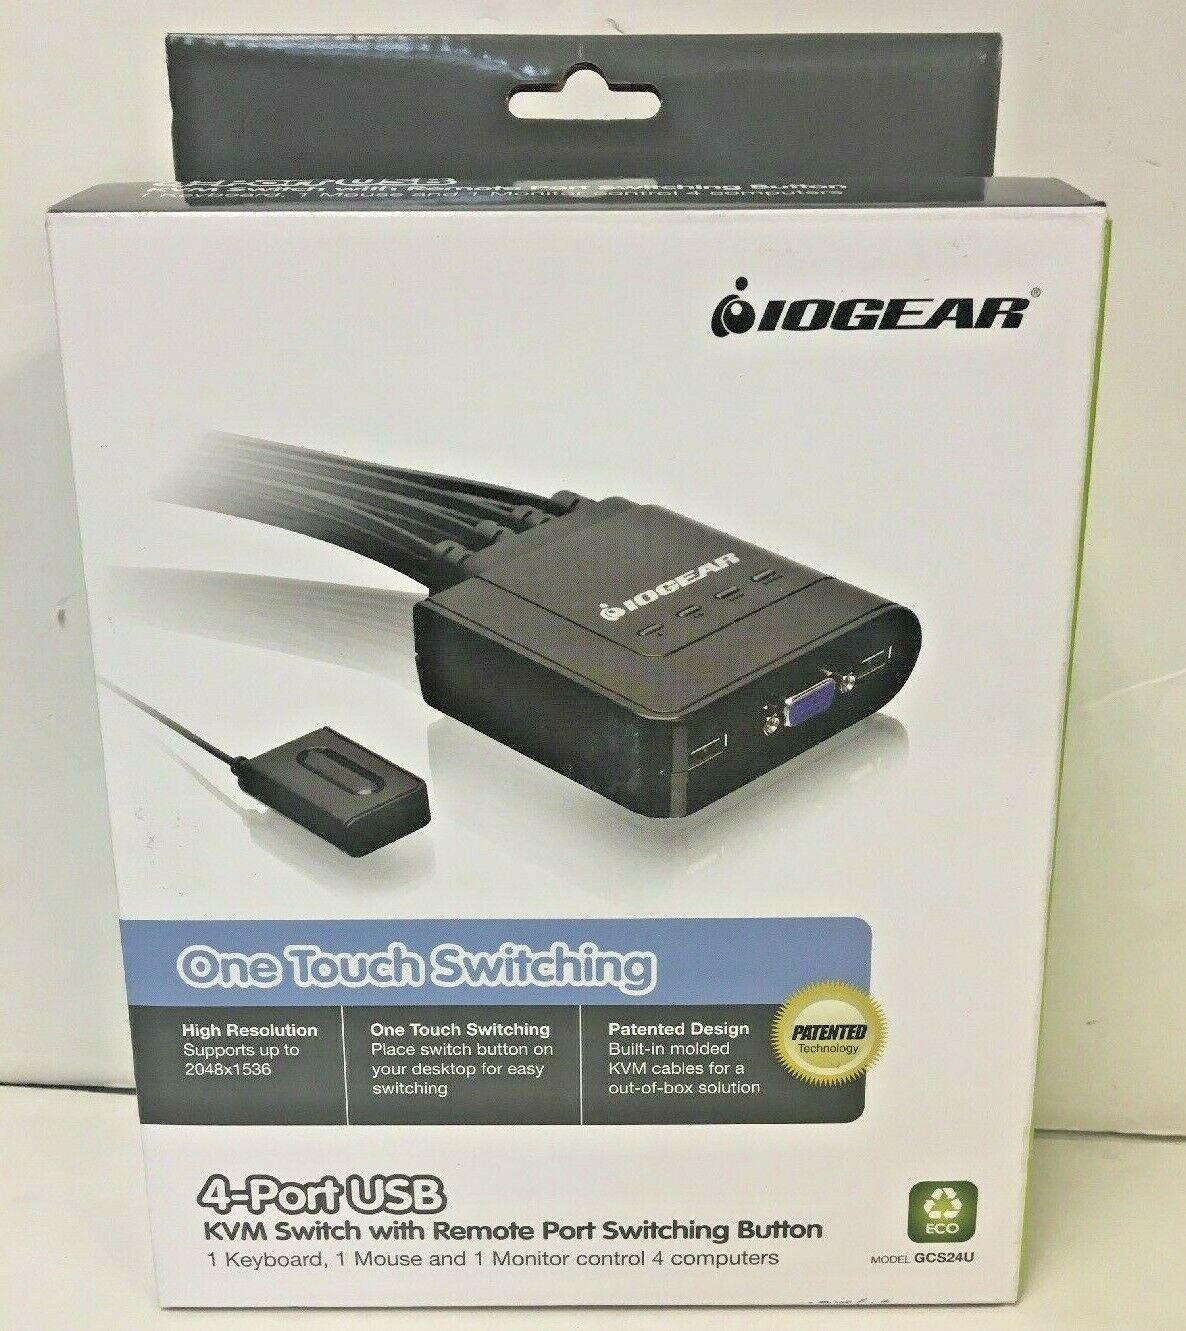 IOGEAR ONE TOUCH SWITCHING 4-PORT USB KVM SWITCH GCS24U